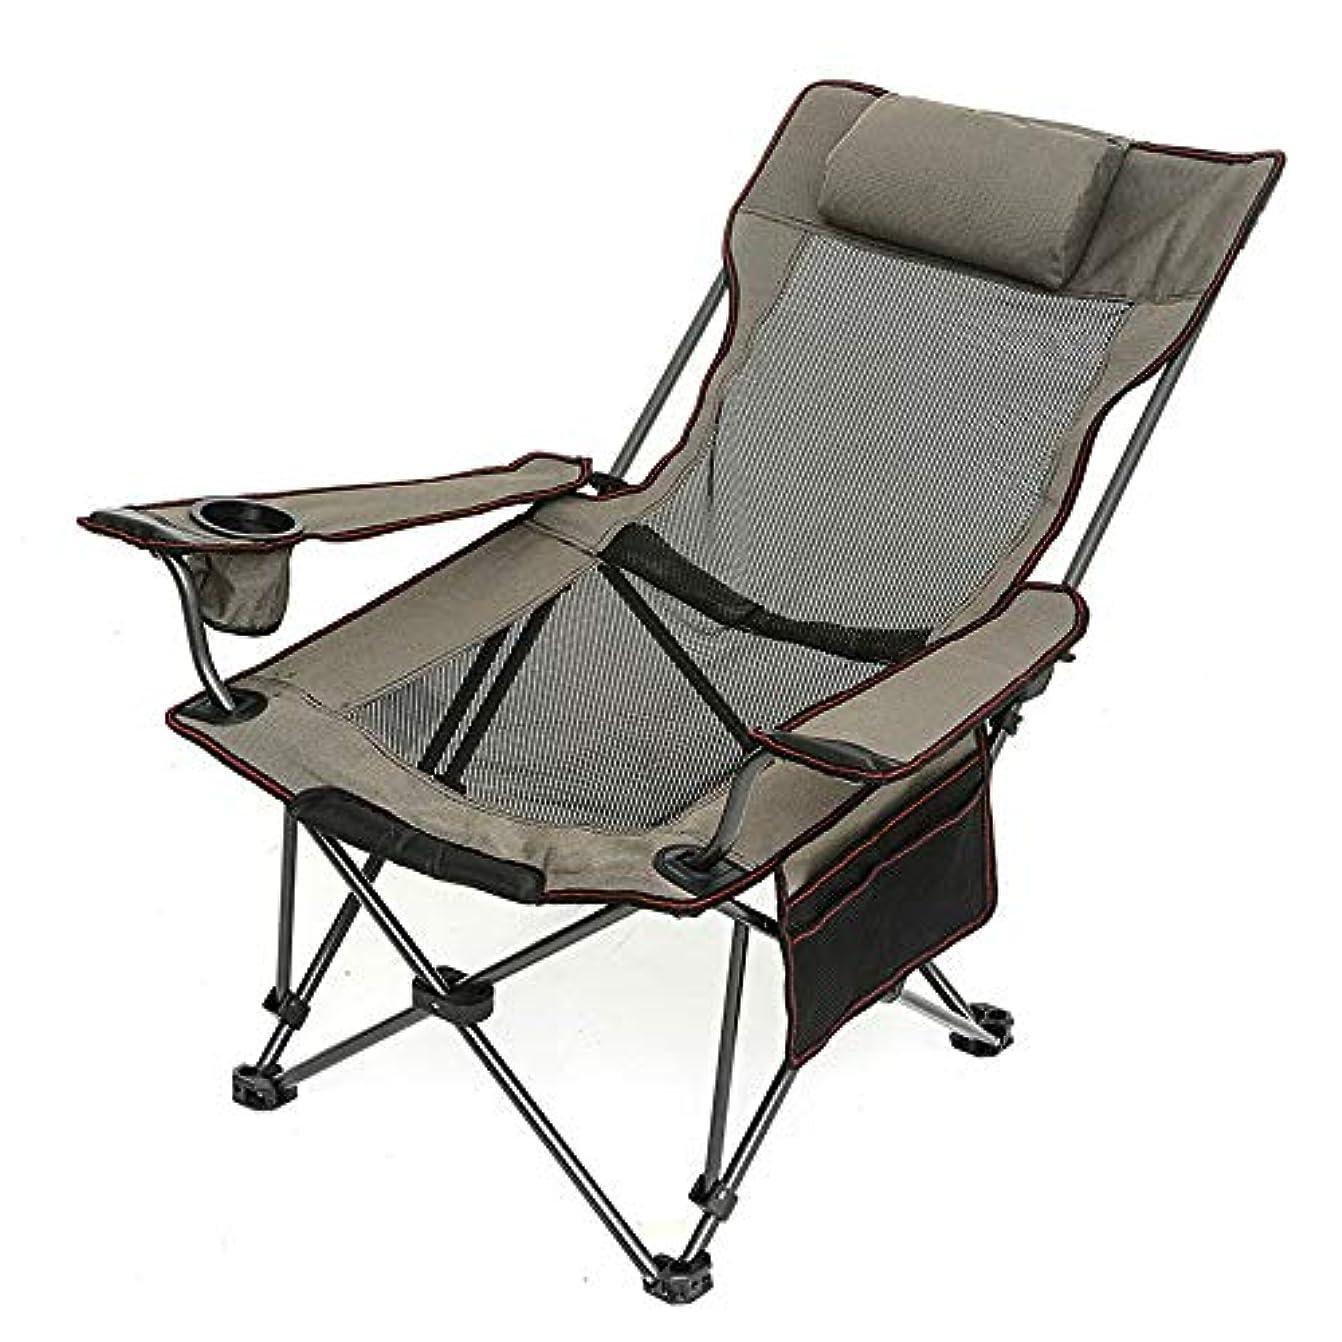 バブルパーティション屋内で屋外 折りたたみ式 チェア キャンプチェア, リクライニング式 ポータブル 釣り椅子 ピクニック キャンプ 自動運転 ビーチ 手すり レジャー 椅子